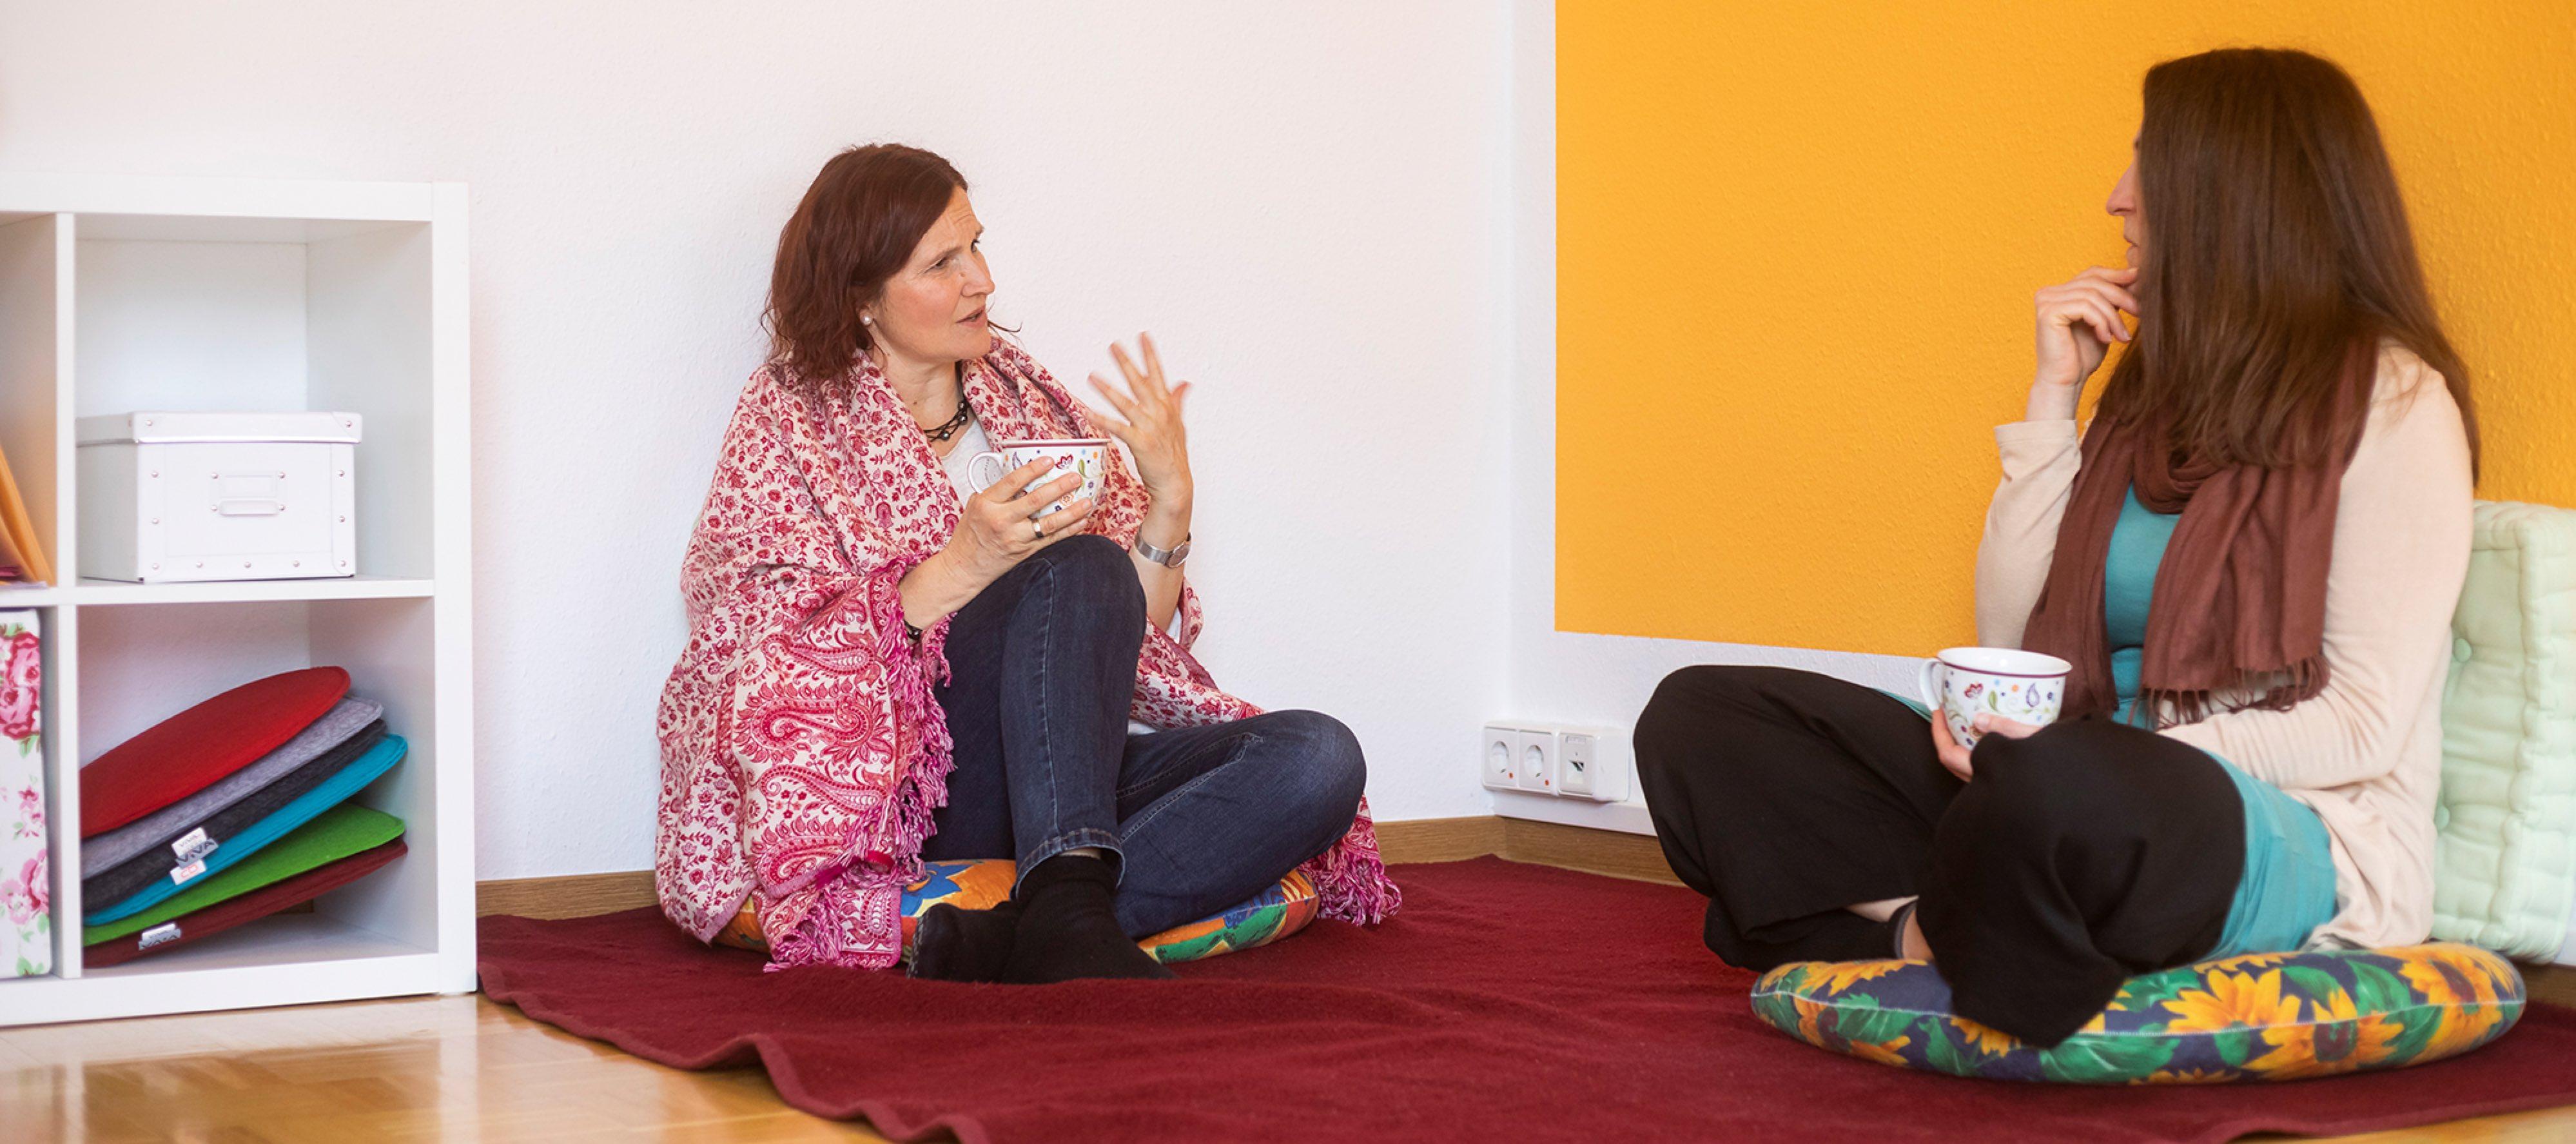 im Gespraech mit Klientin in der Praxis für Psychotherapie